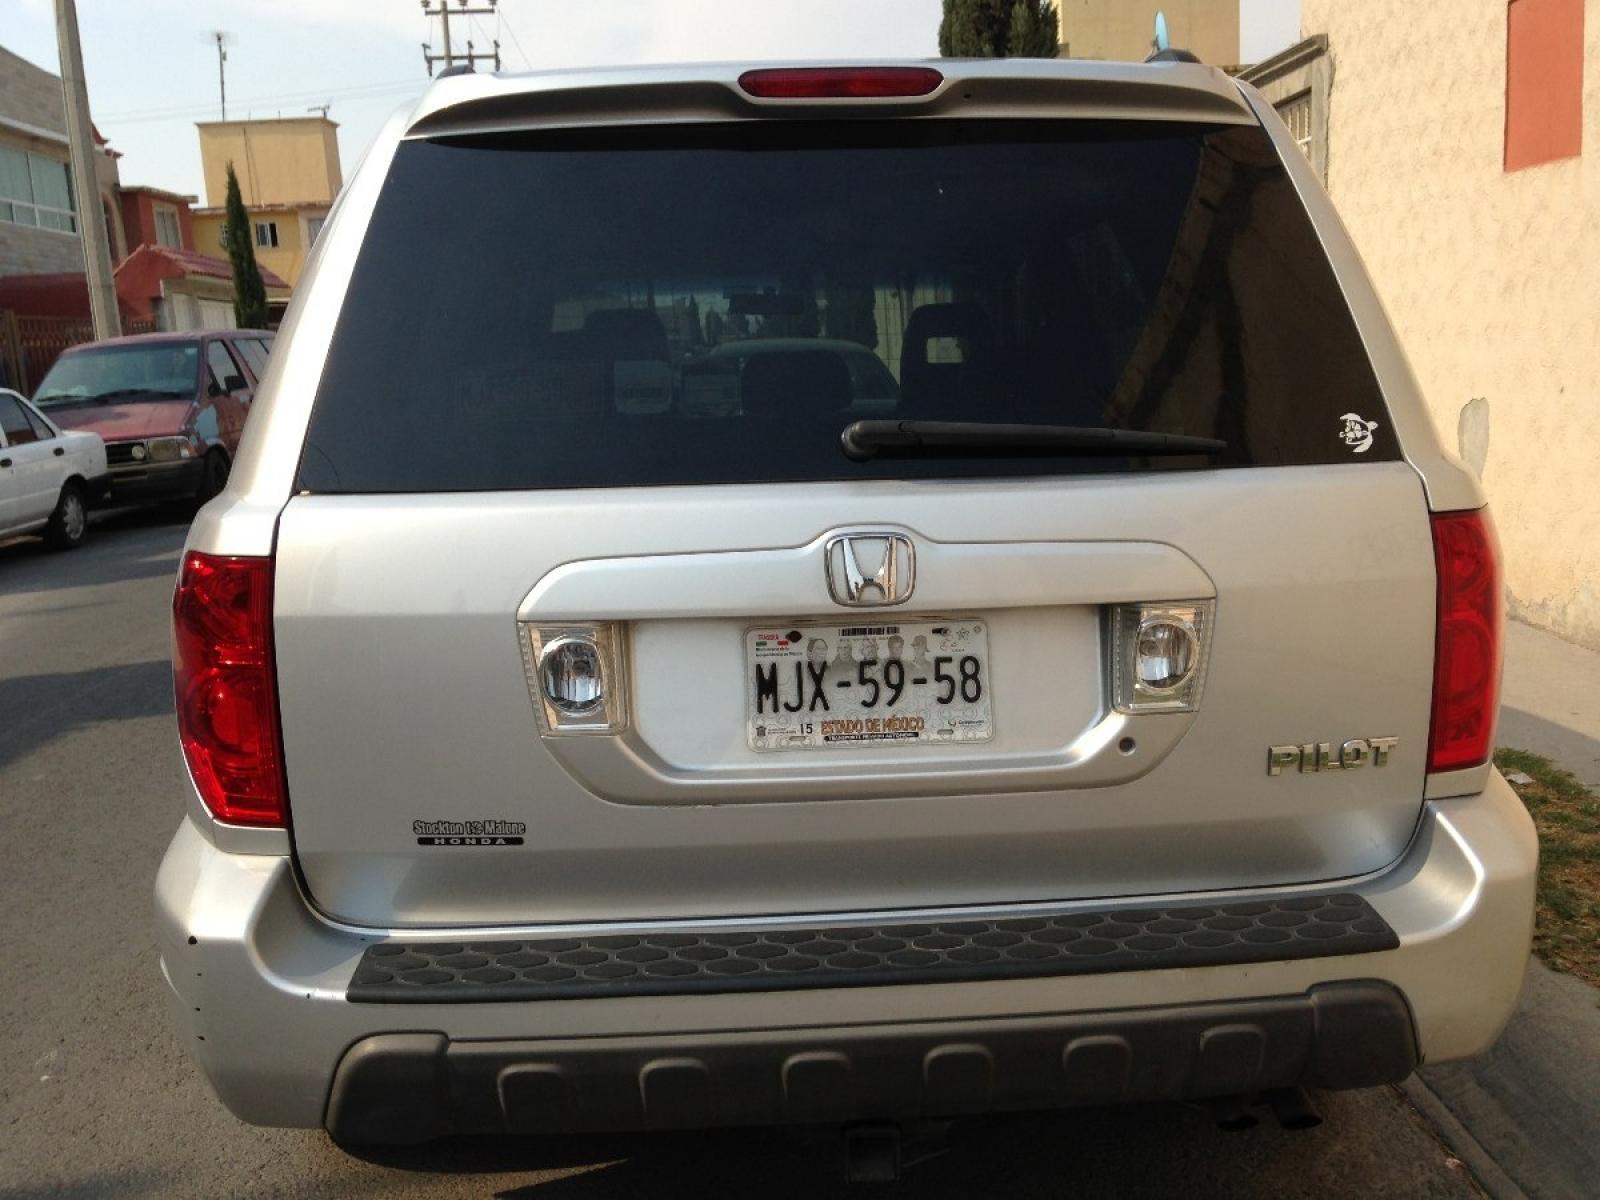 800 1024 1280 1600 Origin 2004 Honda ...